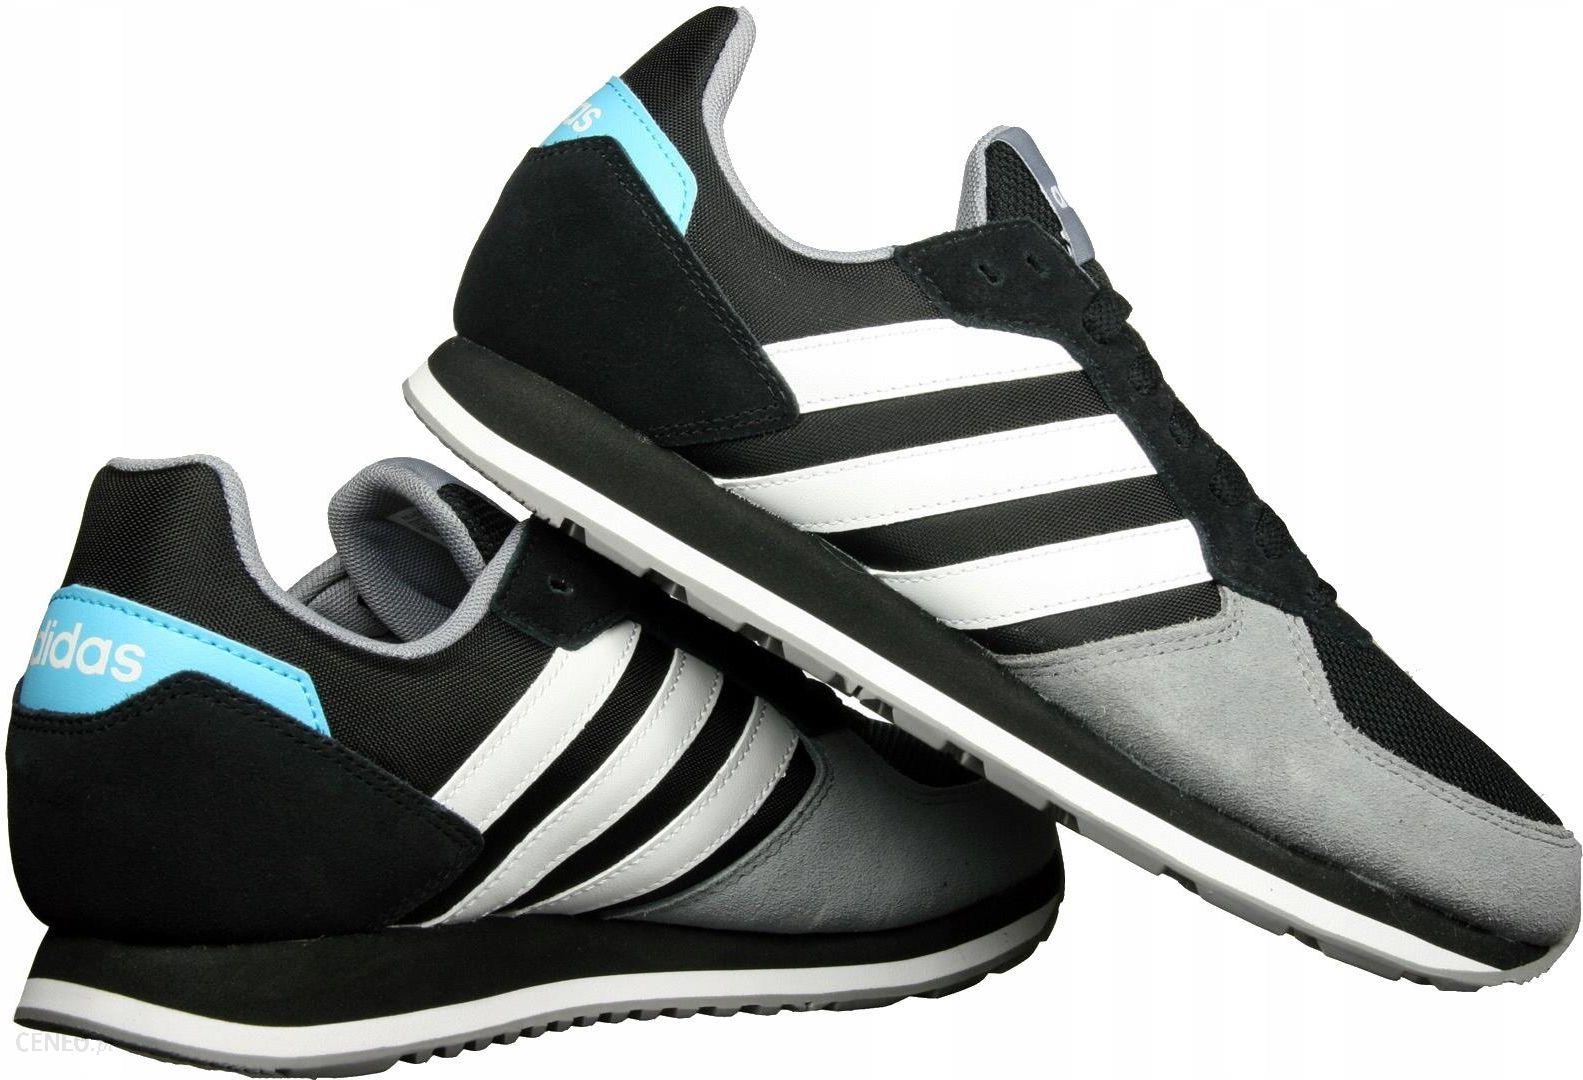 Buty męskie sportowe Adidas V Racer 2.0 8K B44675 Ceny i opinie Ceneo.pl